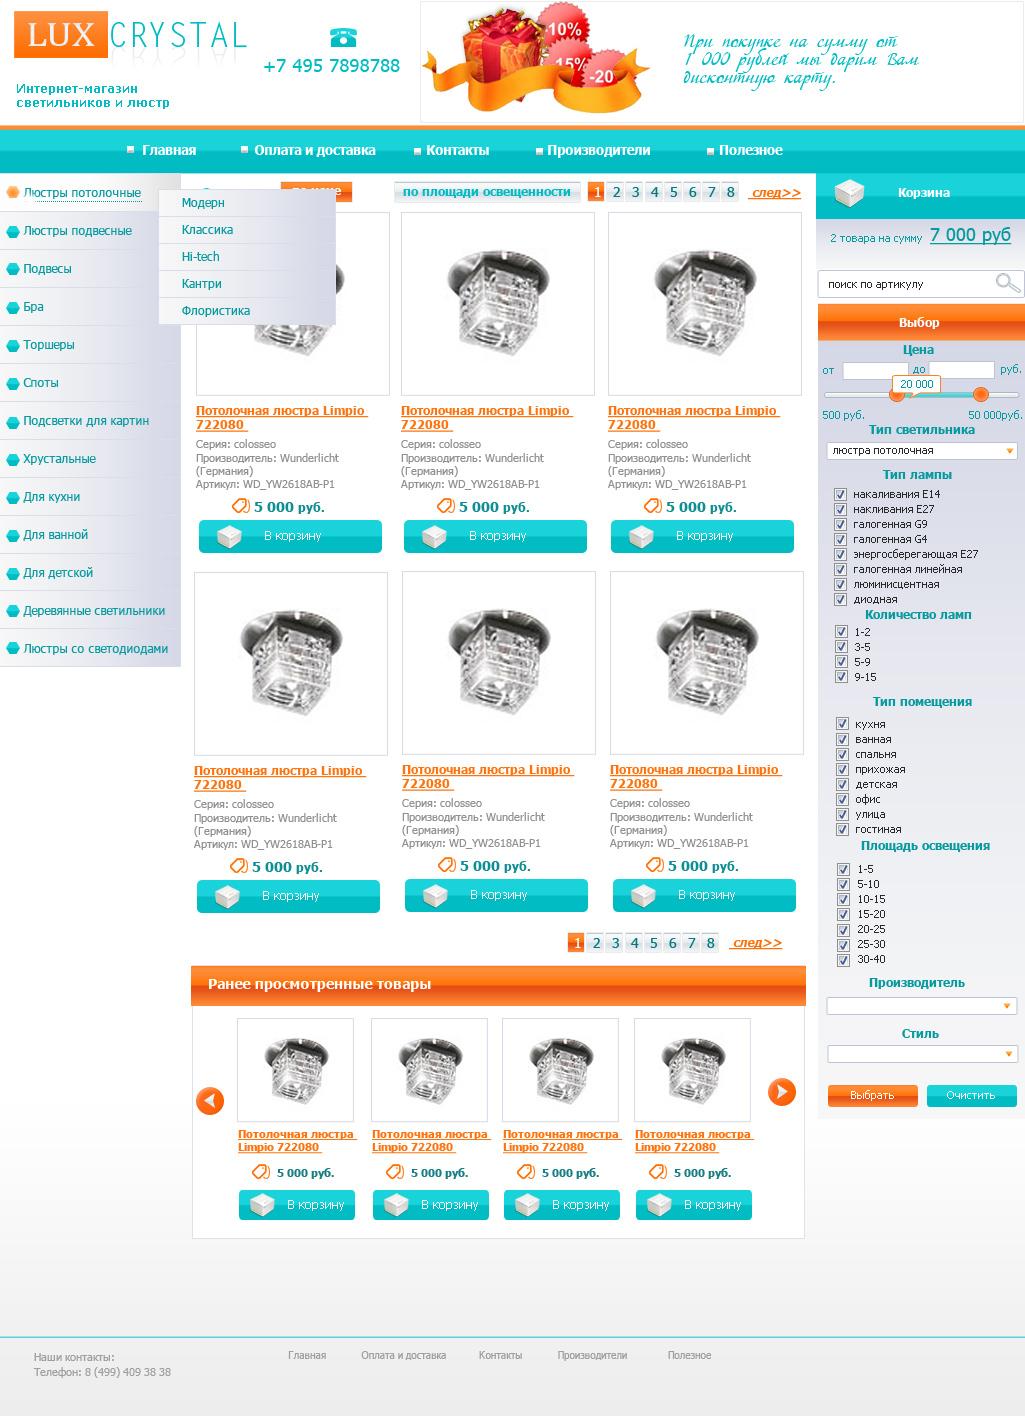 редизайн интернет- магазина (страница каталога, карта товара)